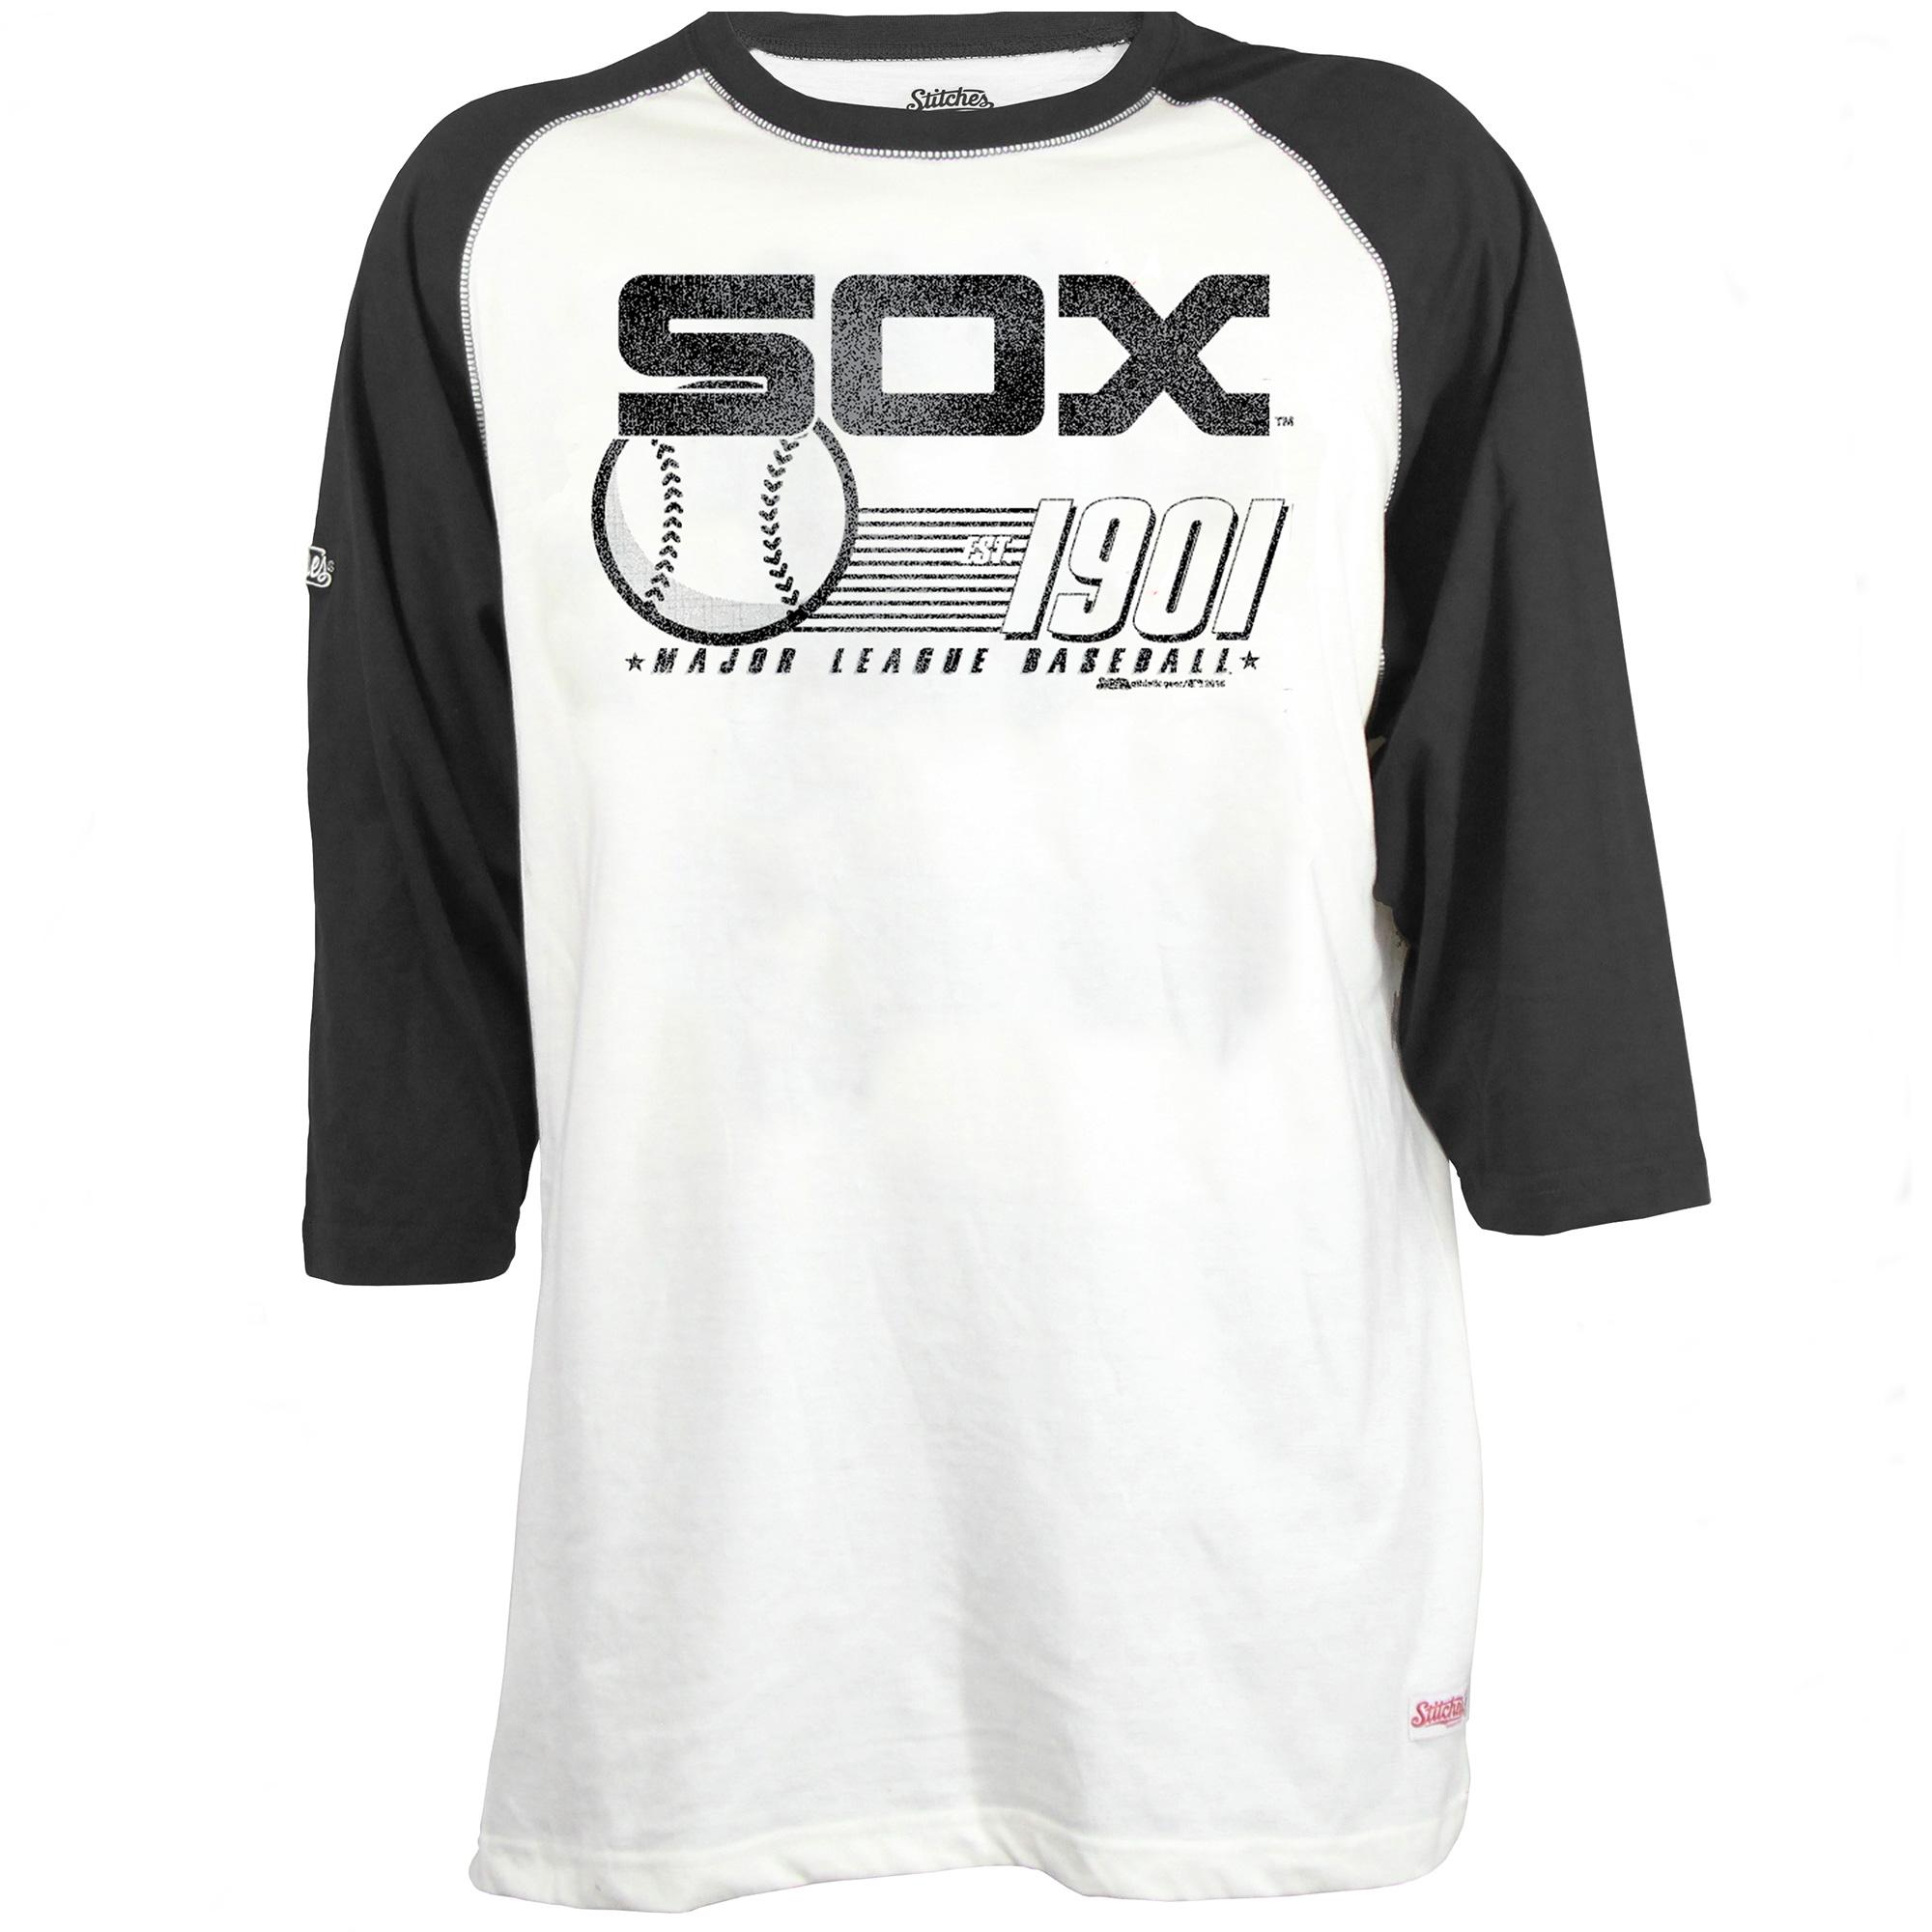 Men's Stitches White/Black Chicago White Sox 3/4-Sleeve Raglan T-Shirt